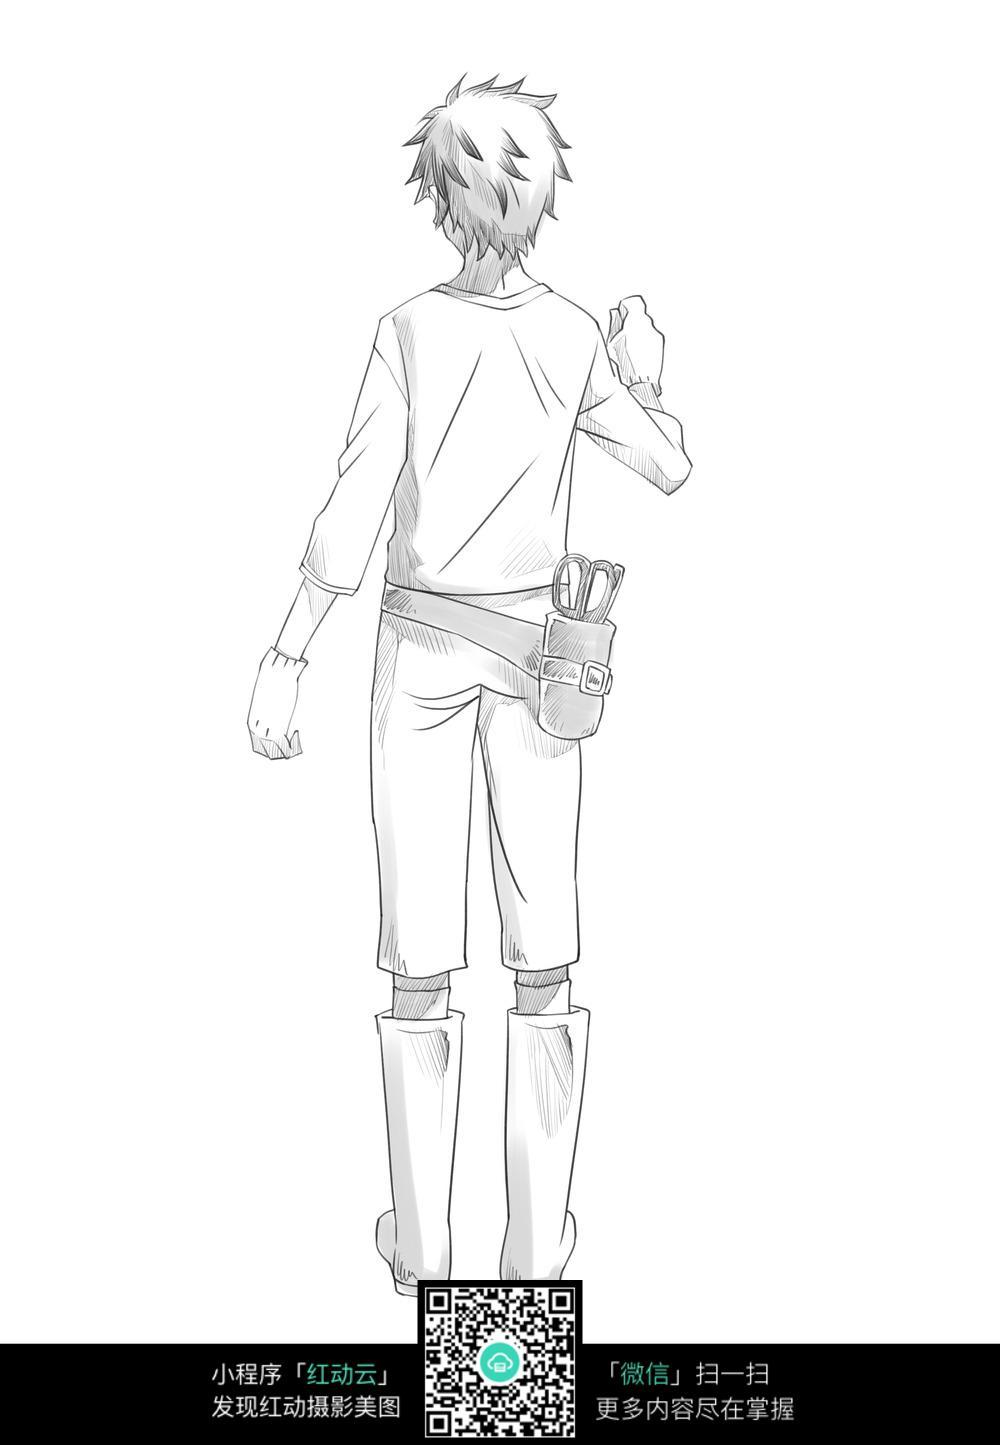 卡通少年背影手绘线稿图片